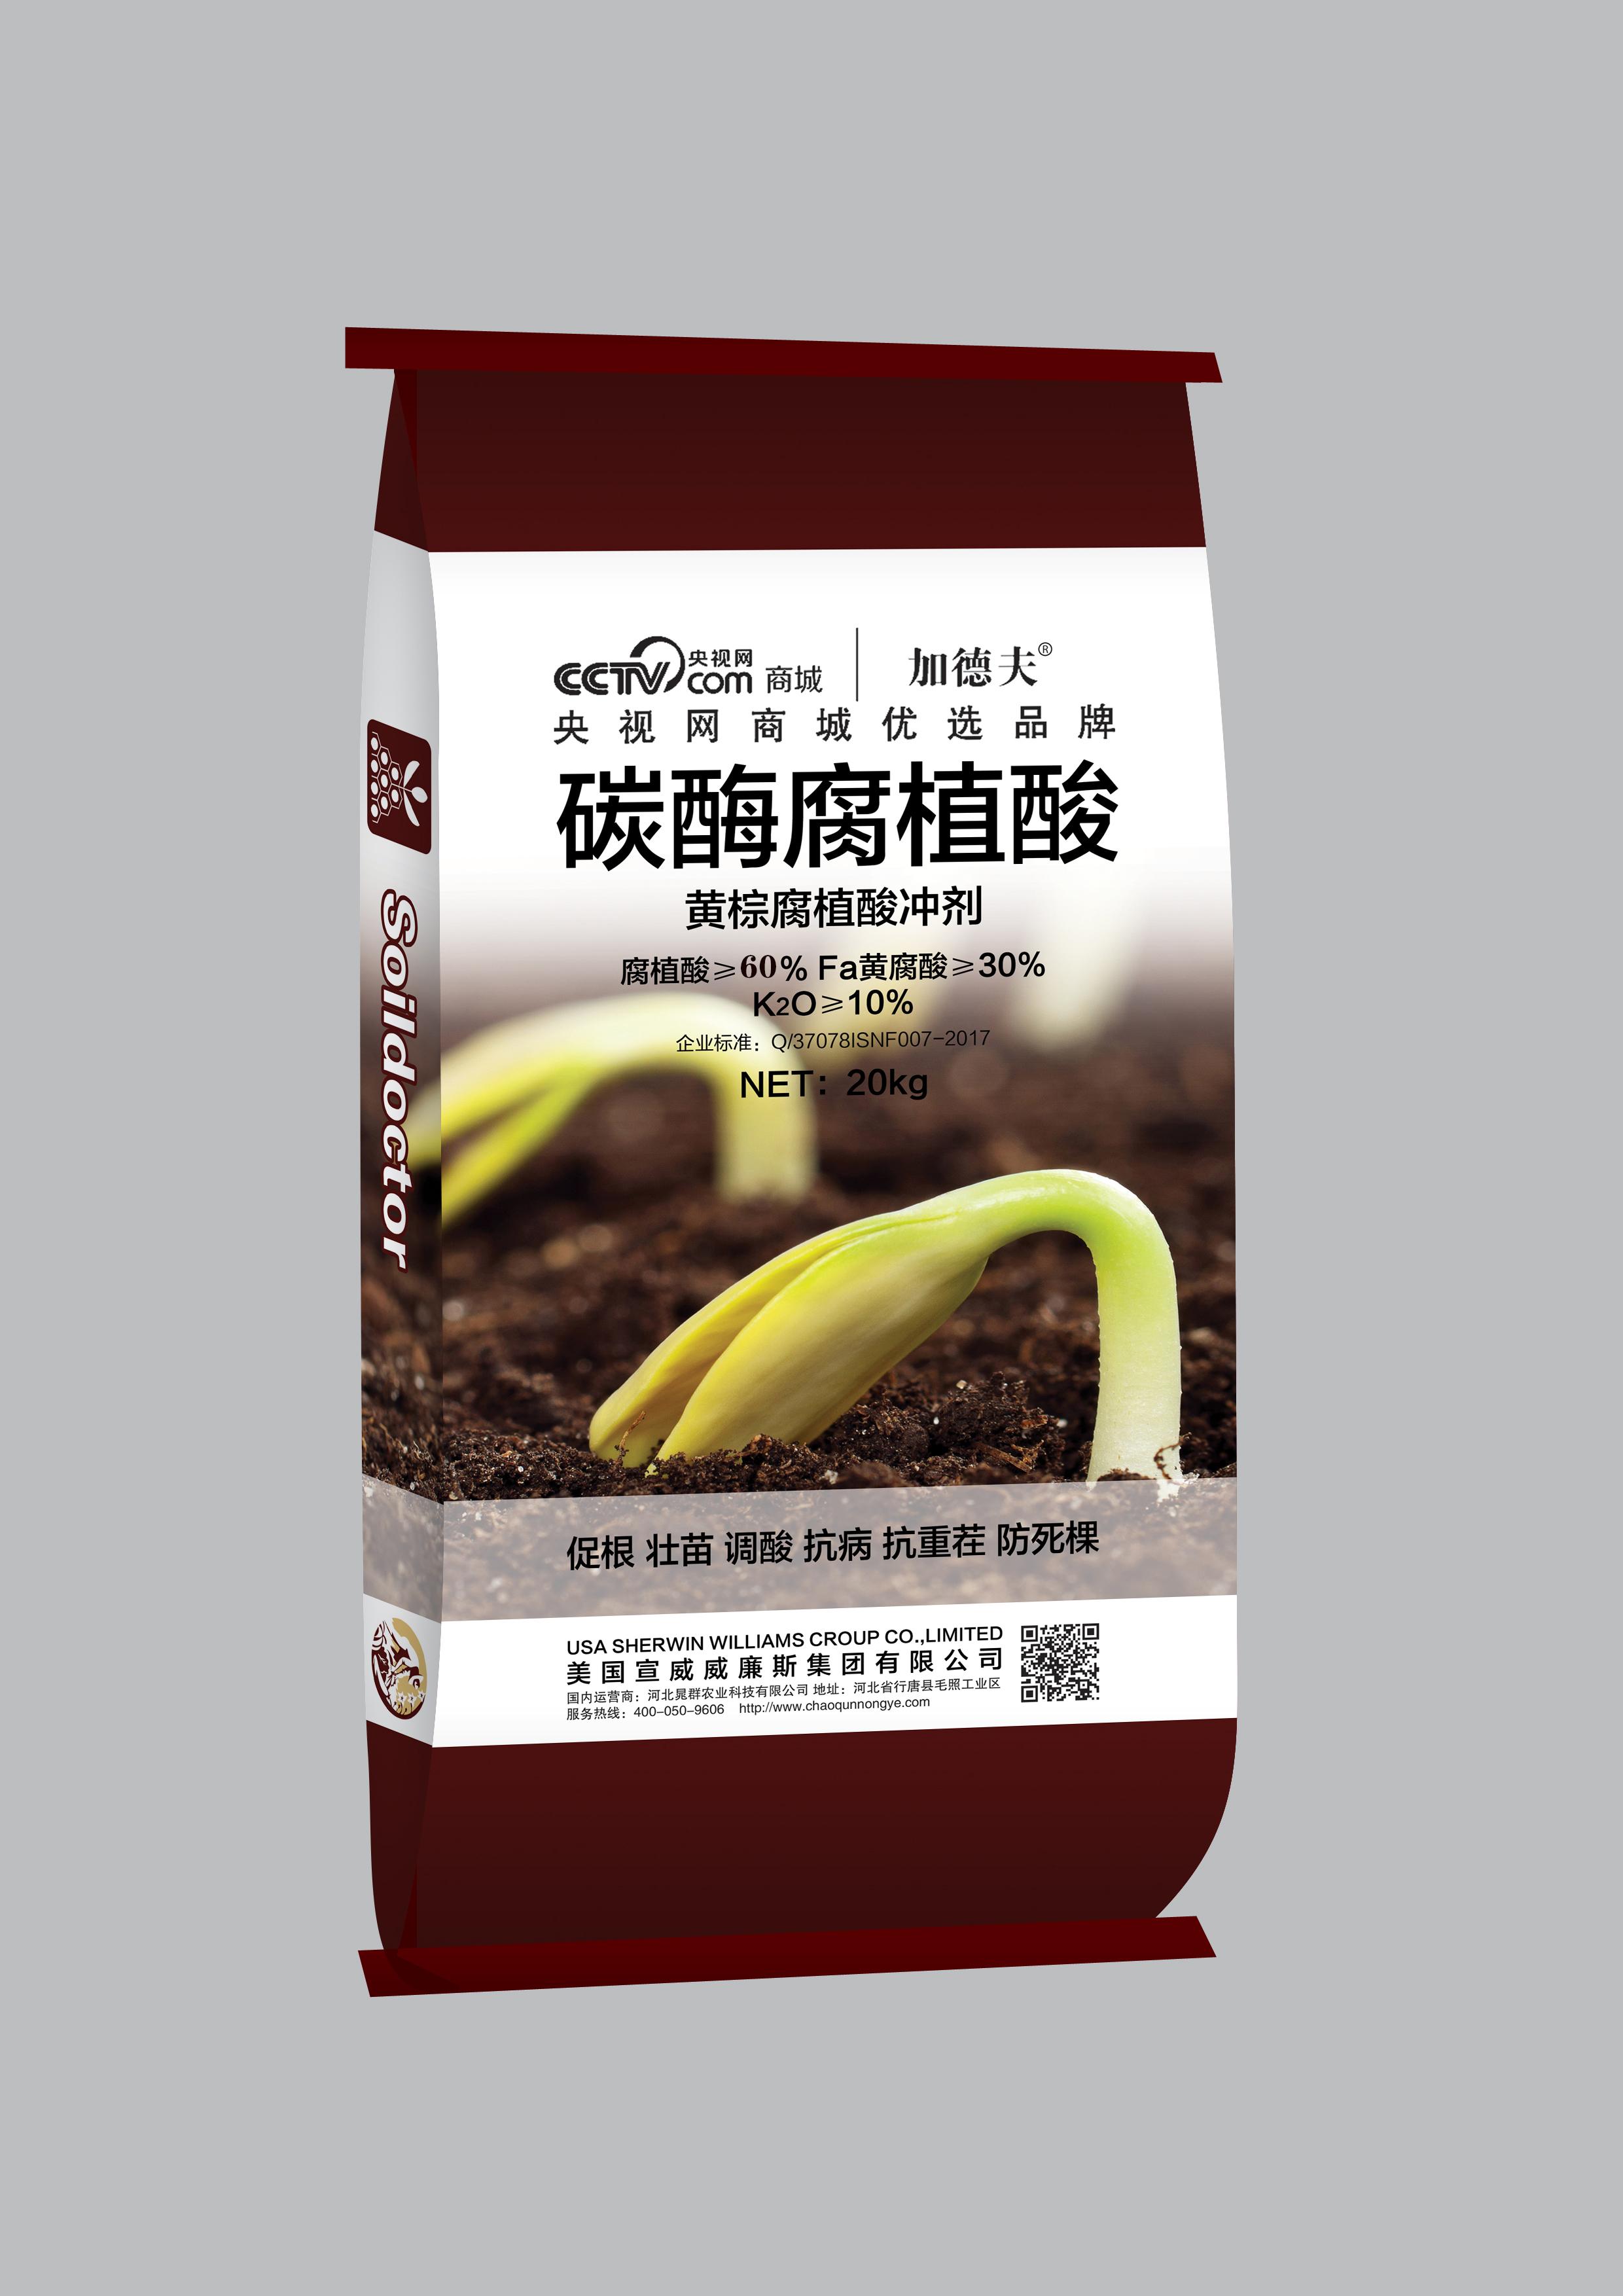 碳酶腐殖酸冲施肥